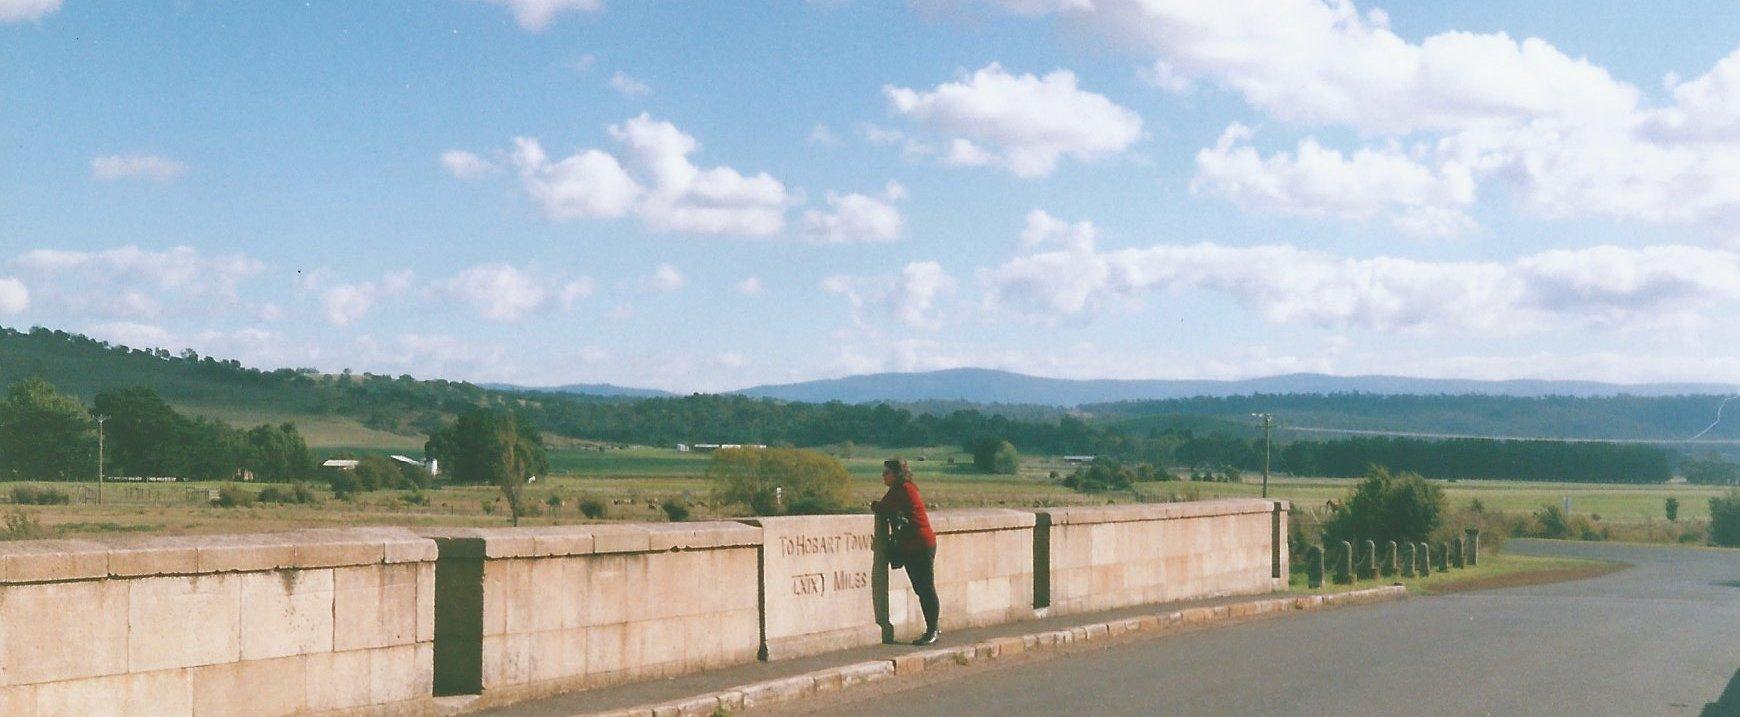 image figure on bridge